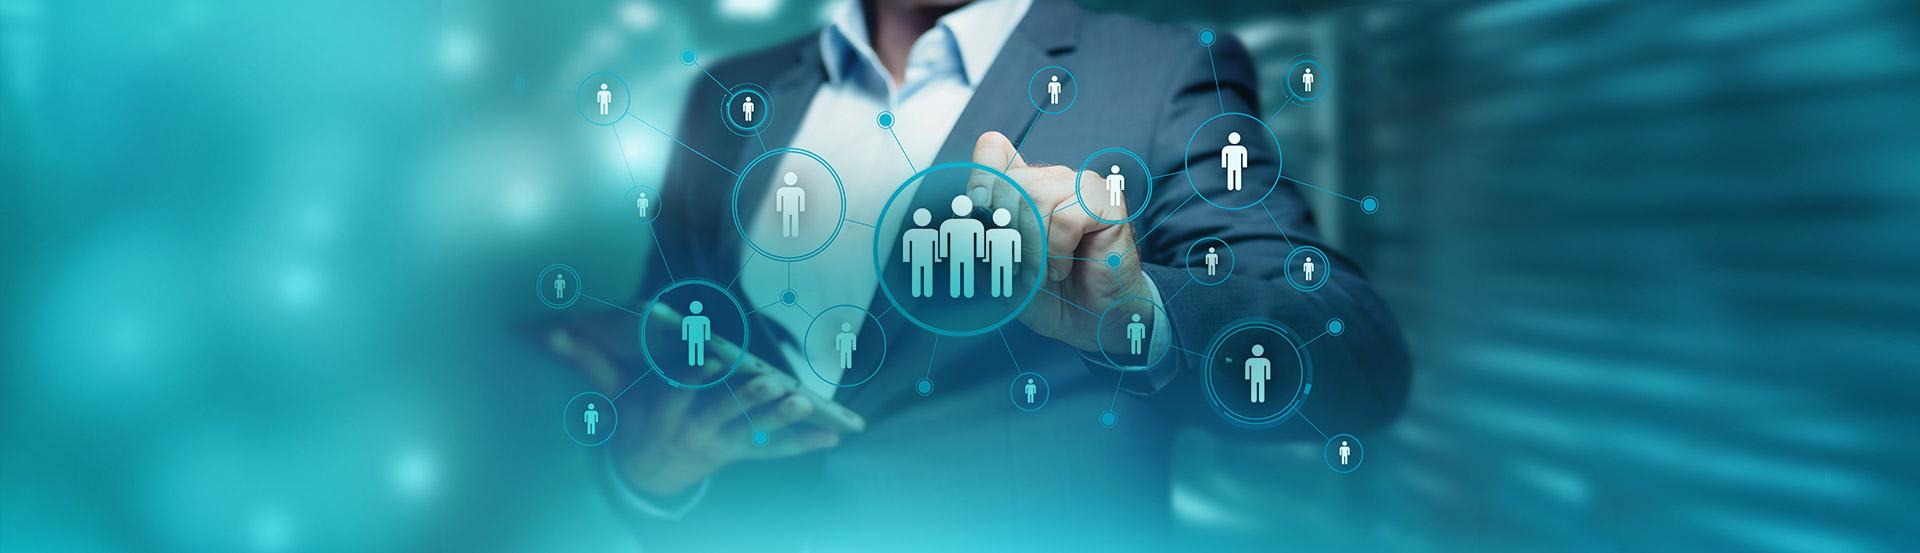 Outils avancés d'enquêtes internes pour le recrutement, la formation, le climat social